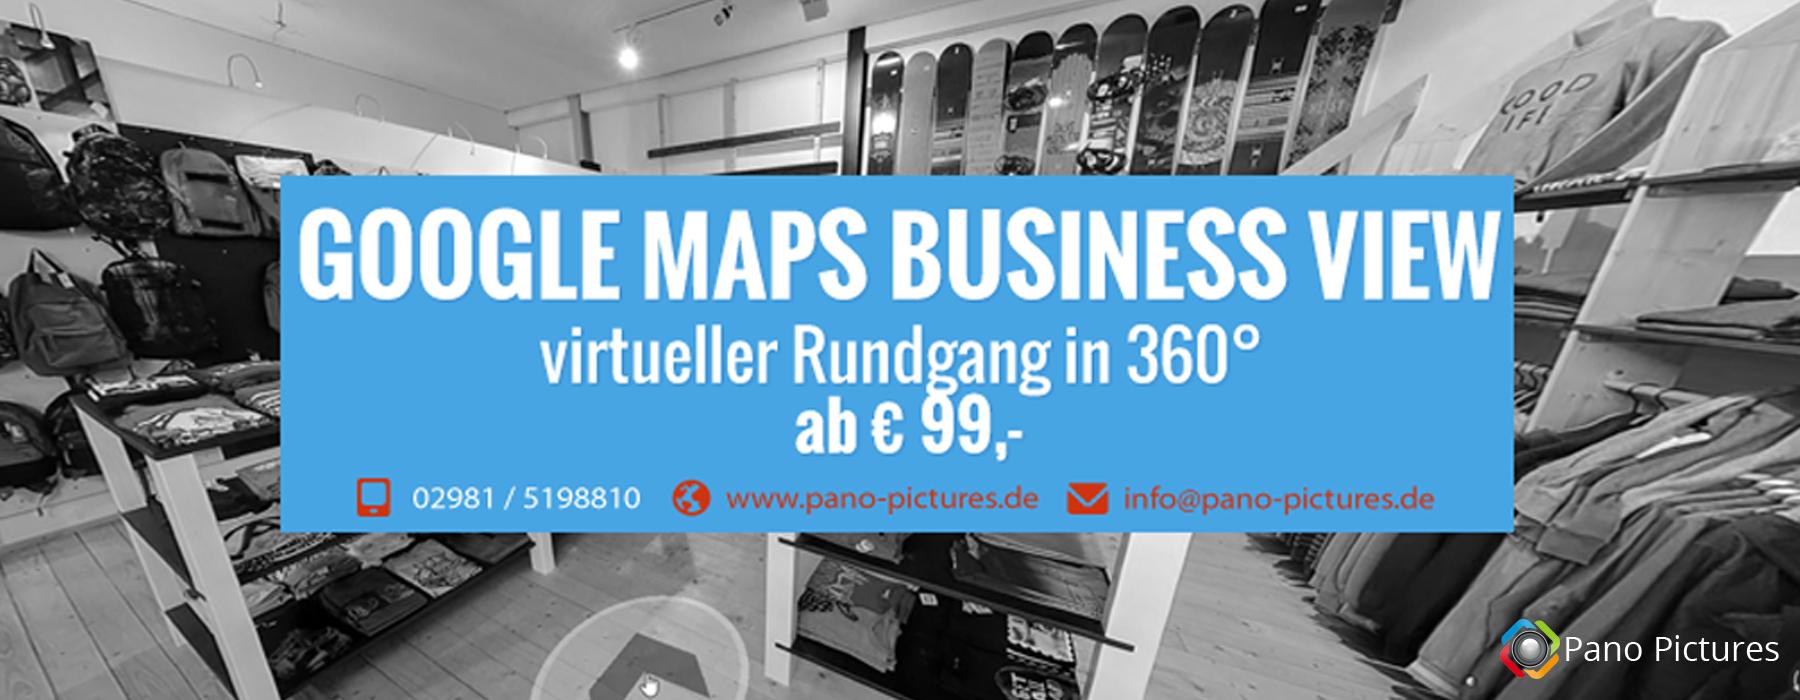 25% mehr Umsatz generieren mit Google Maps Business View von Pano Pictures. Jetzt Informieren!